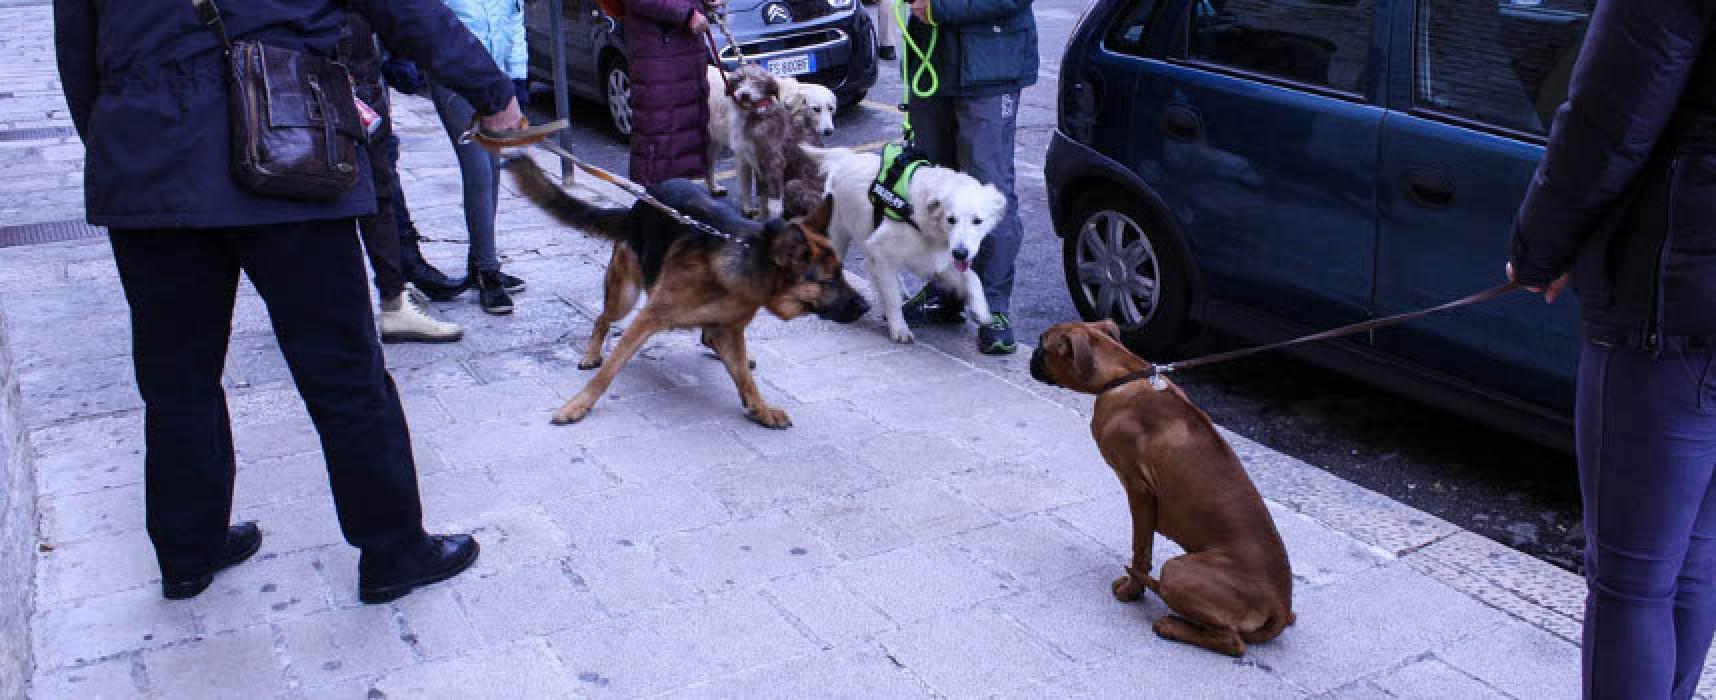 Animali domestici benedetti dal parroco nella chiesa della Madonna di Passavia/FOTO